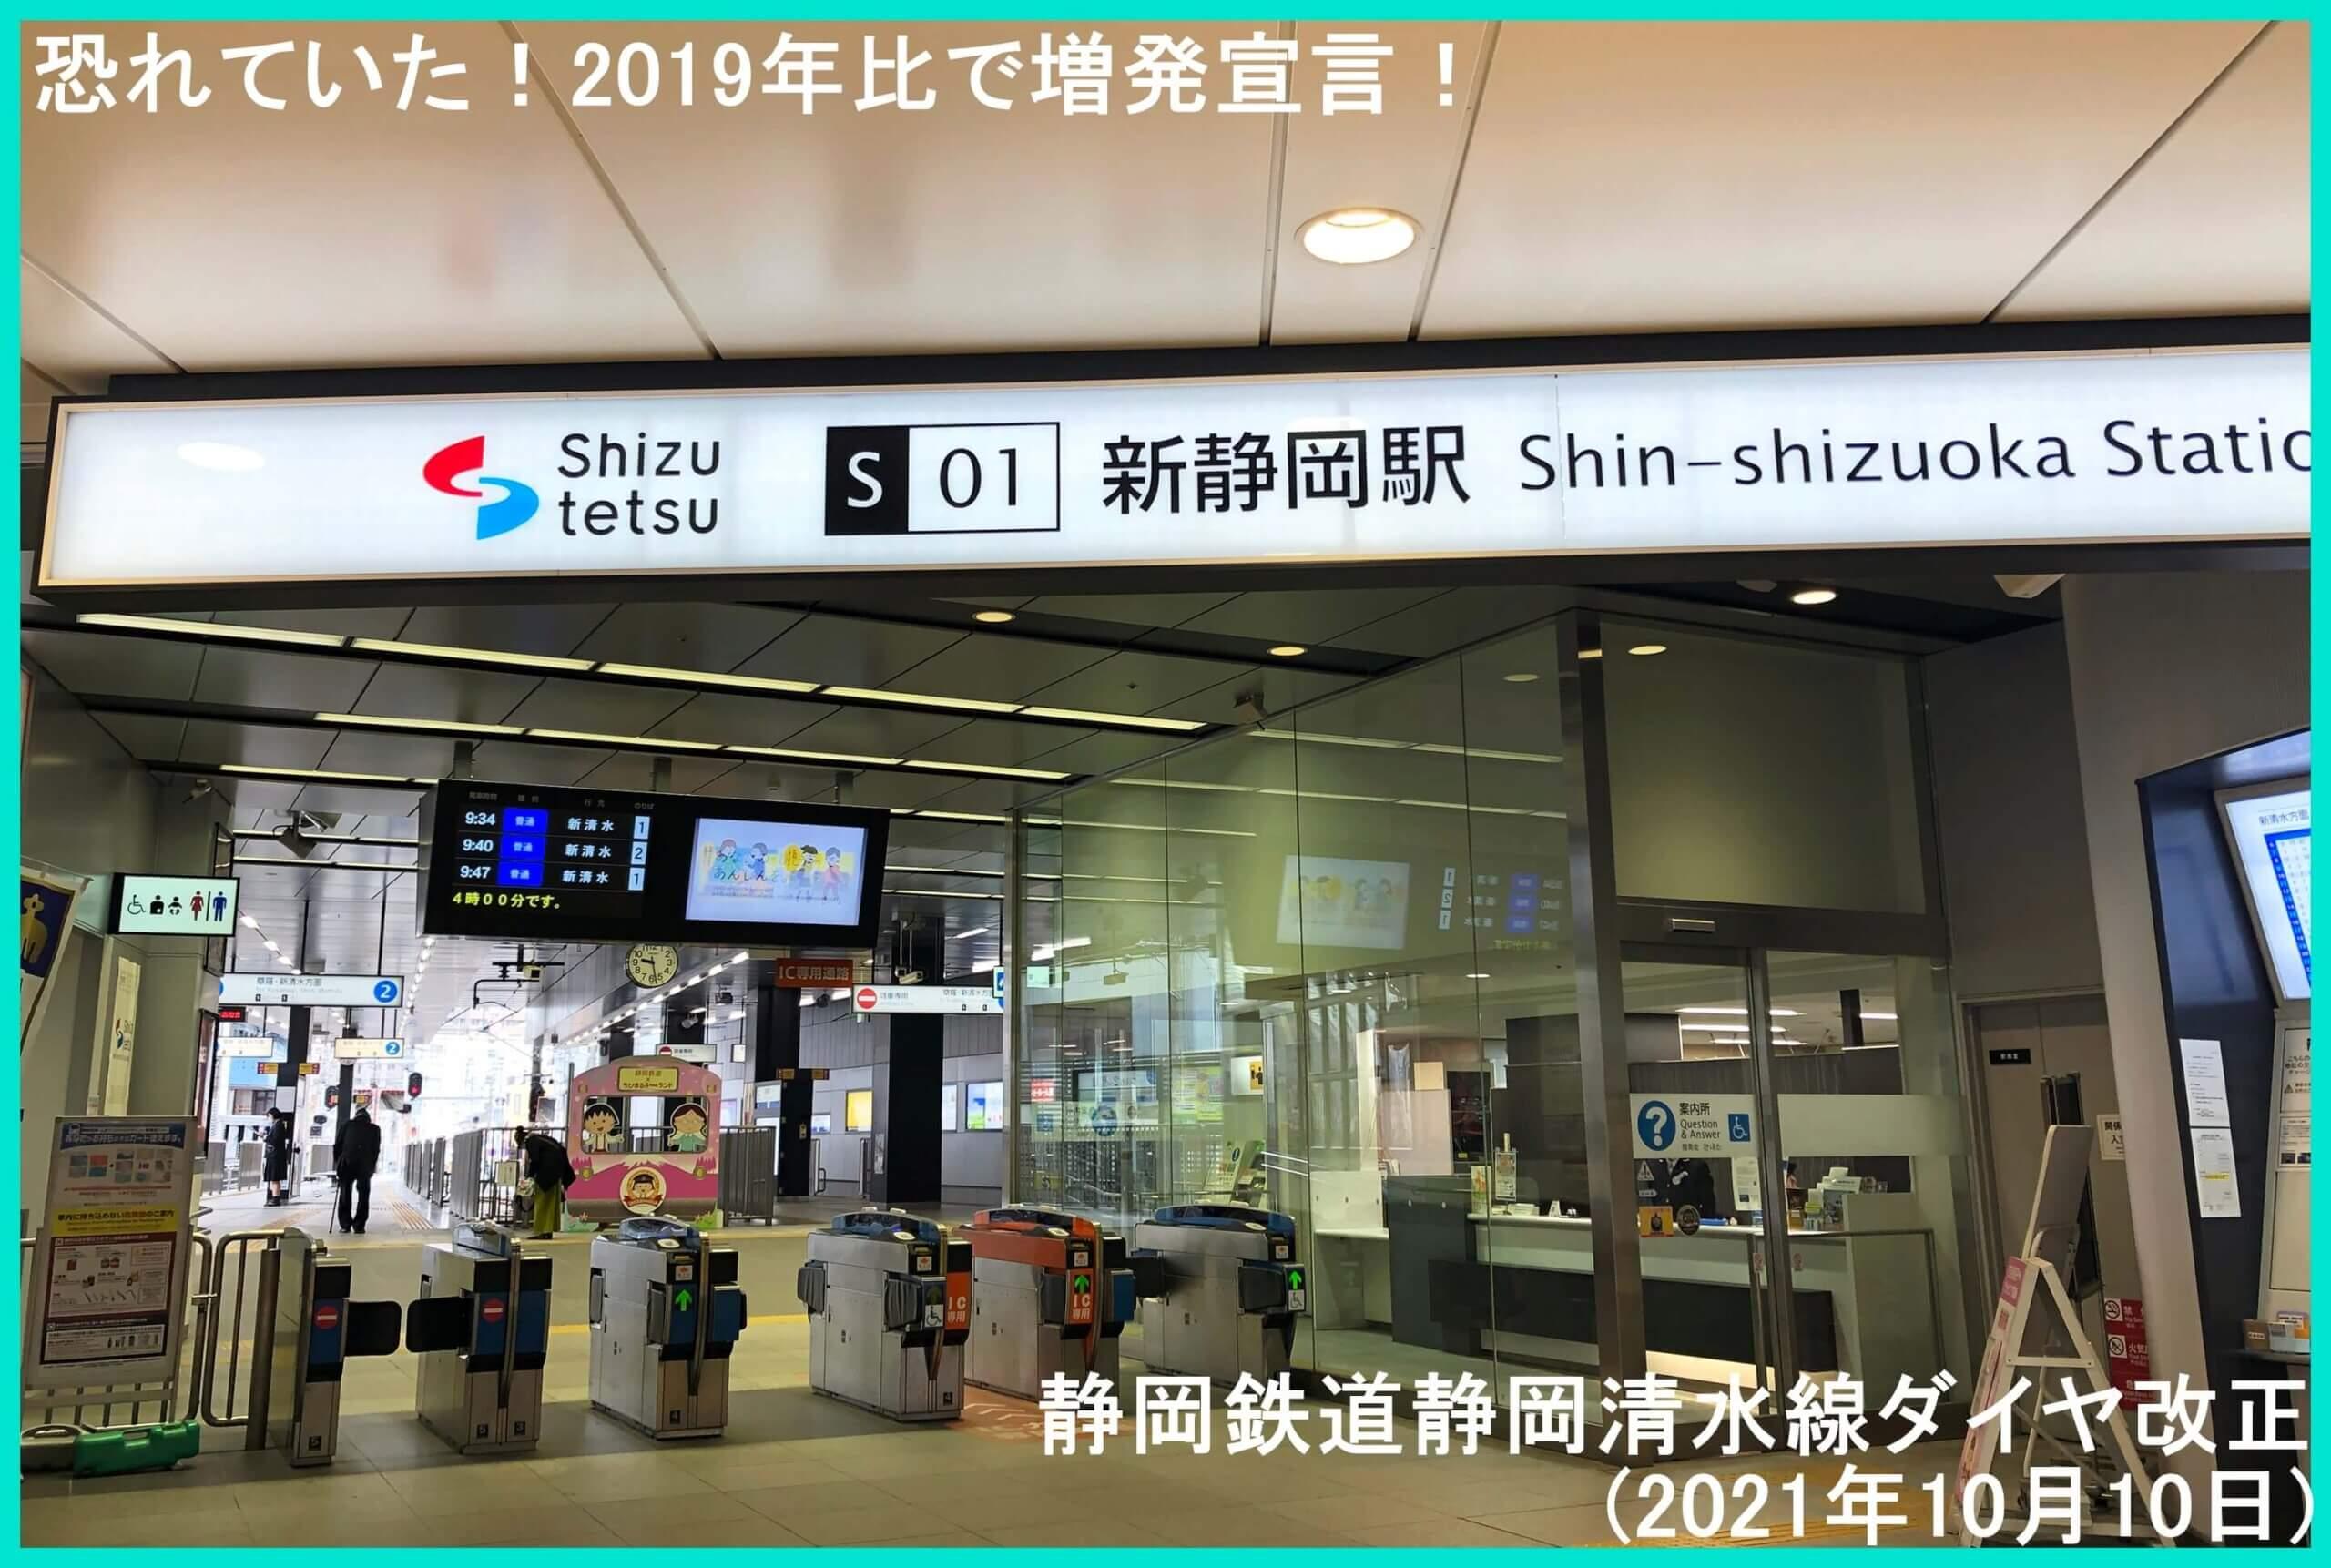 恐れていた!2019年比で増発宣言! 静岡鉄道静岡清水線ダイヤ改正(2021年10月10日)